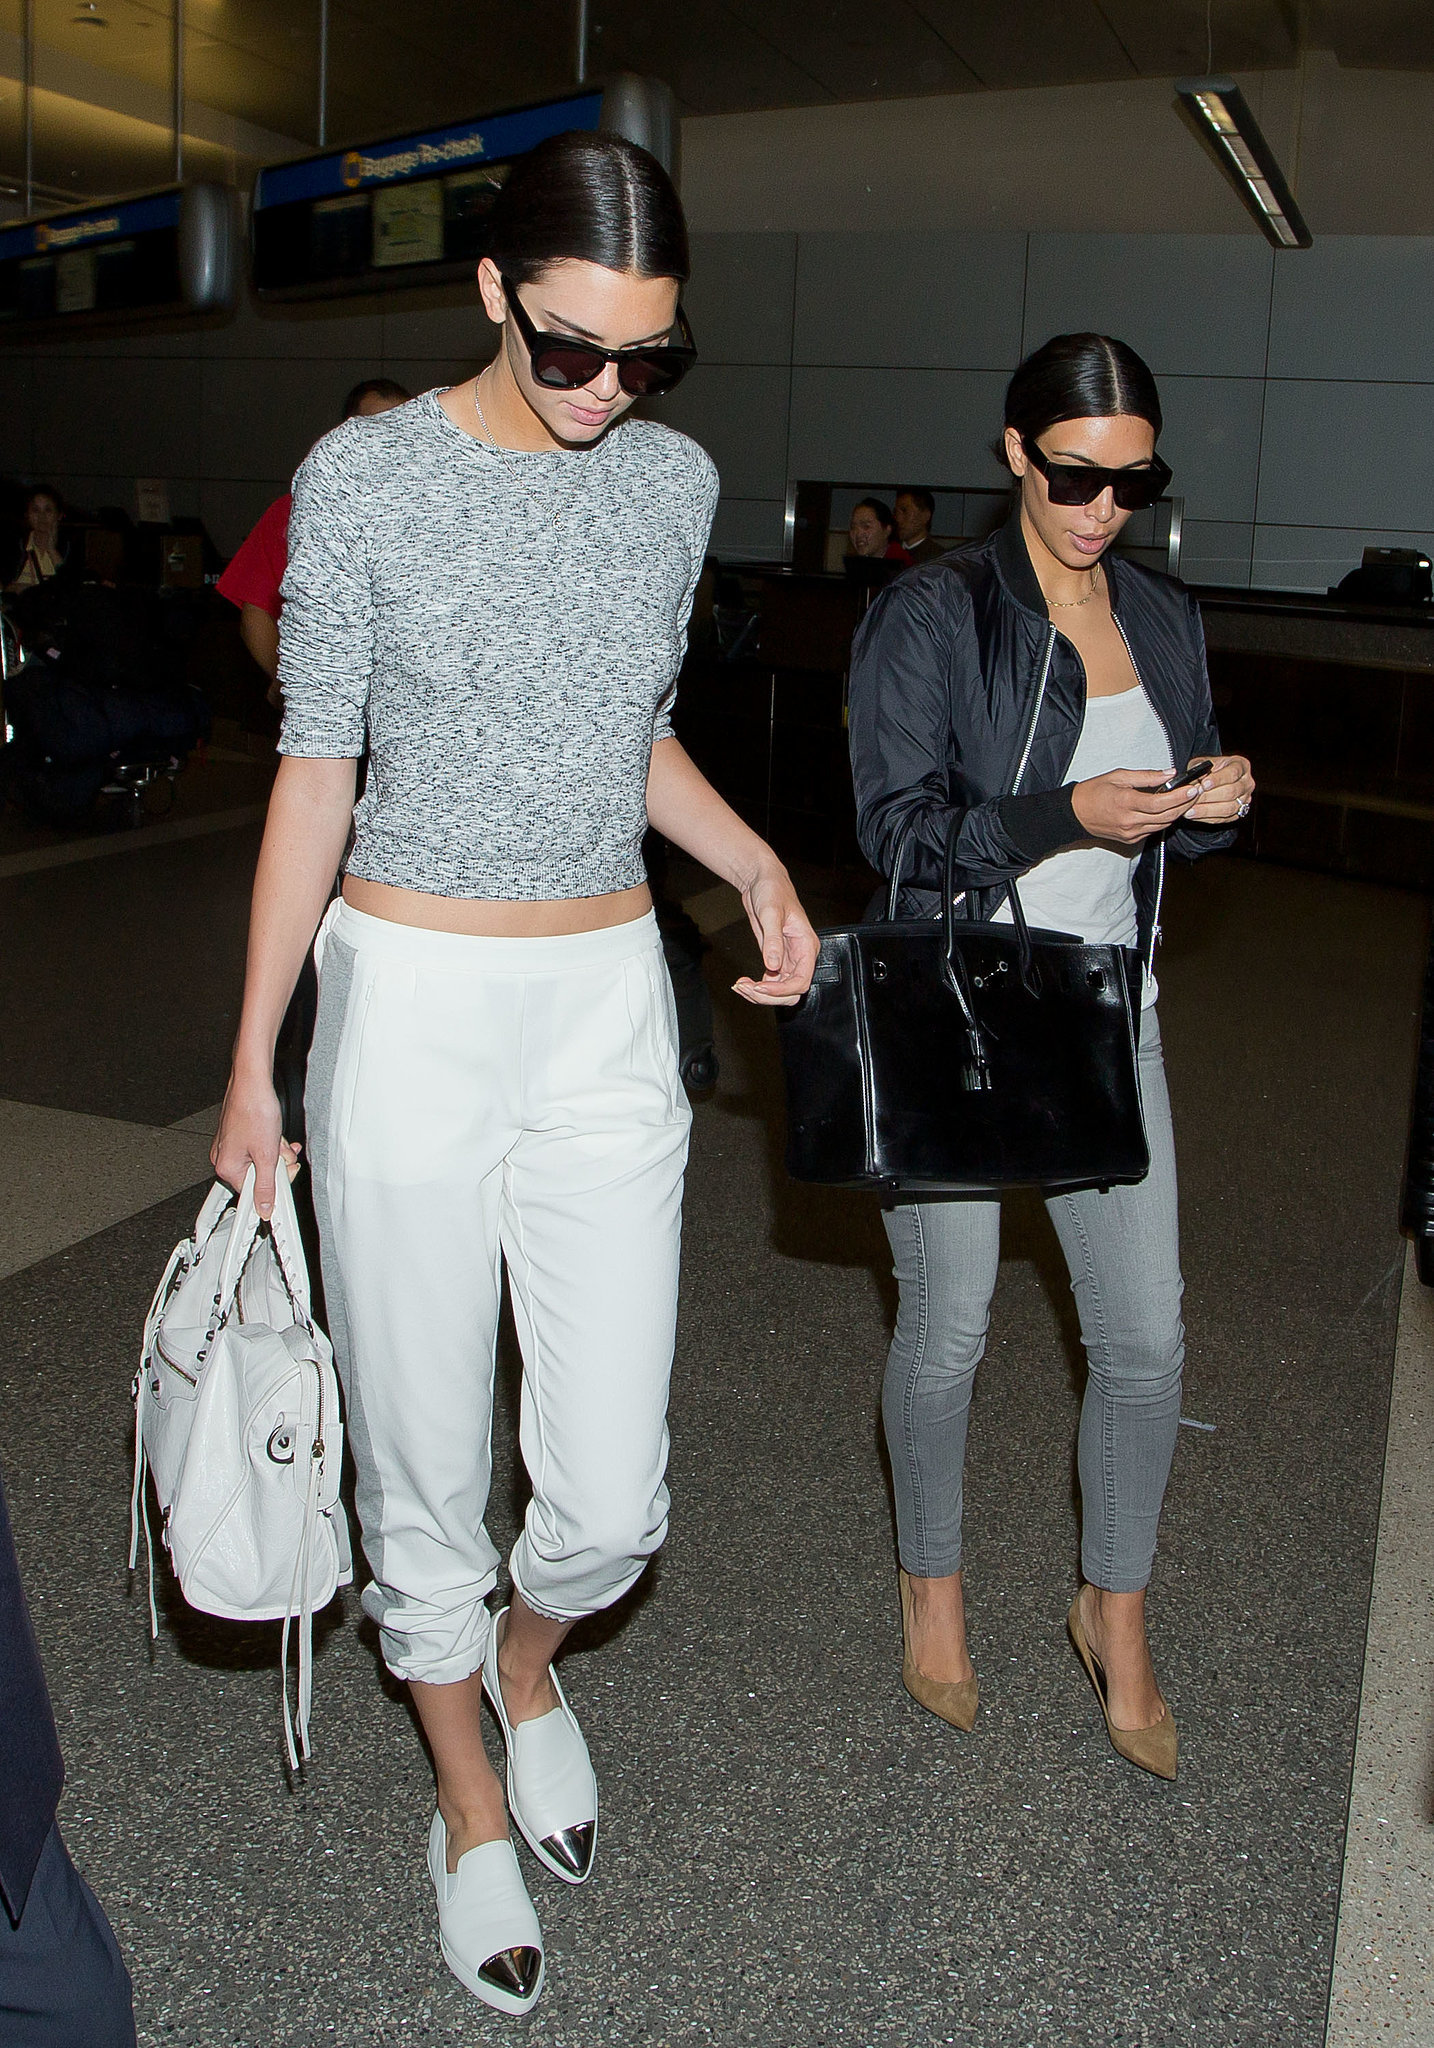 Kendall-Jenner-Kim-Kardashian-known-making-stylish